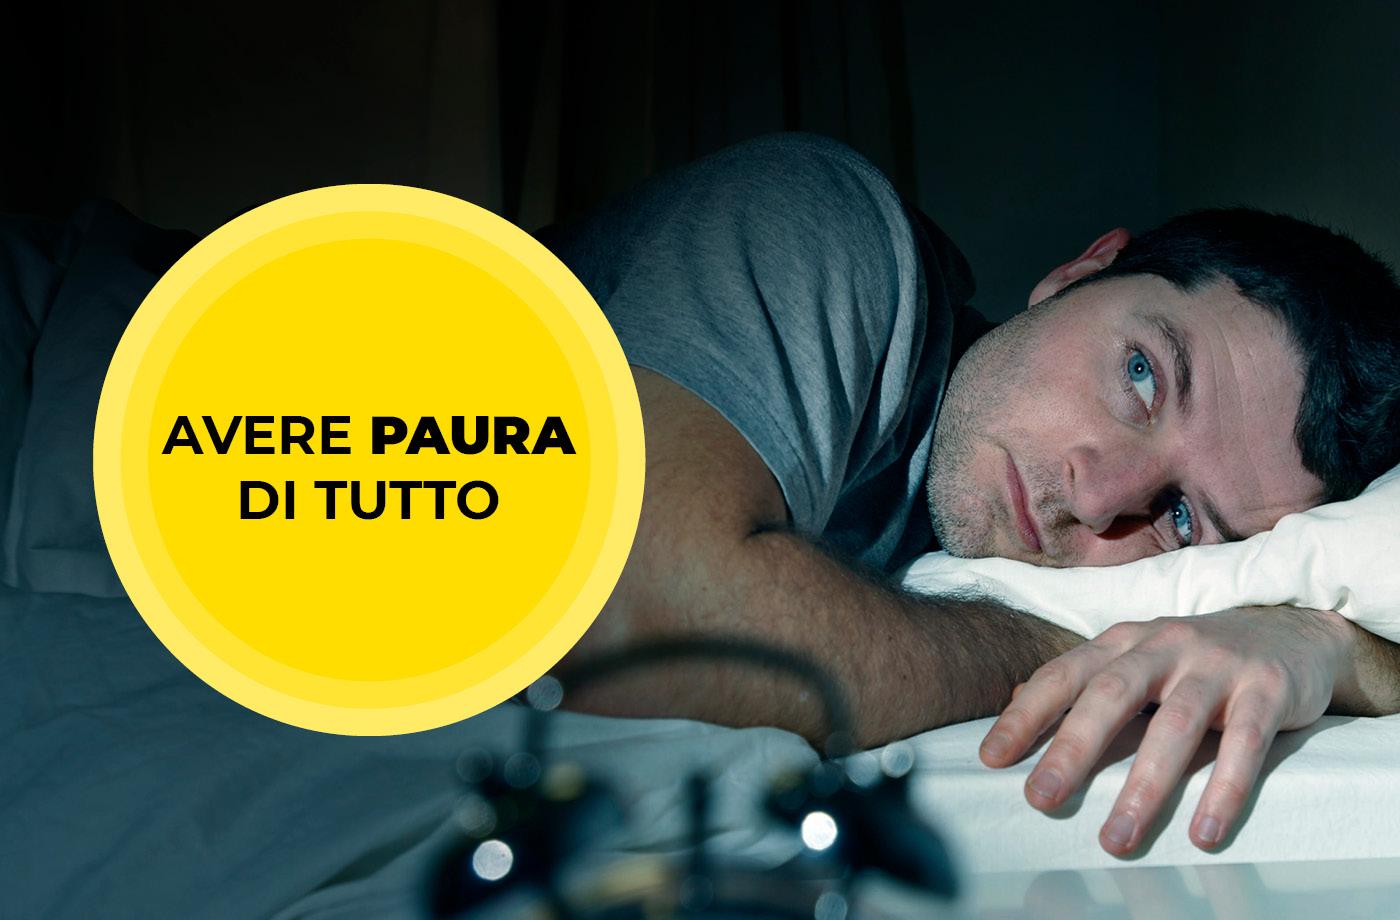 Uomo sveglio nel cuore della notte perché afflitto da Pantofobia